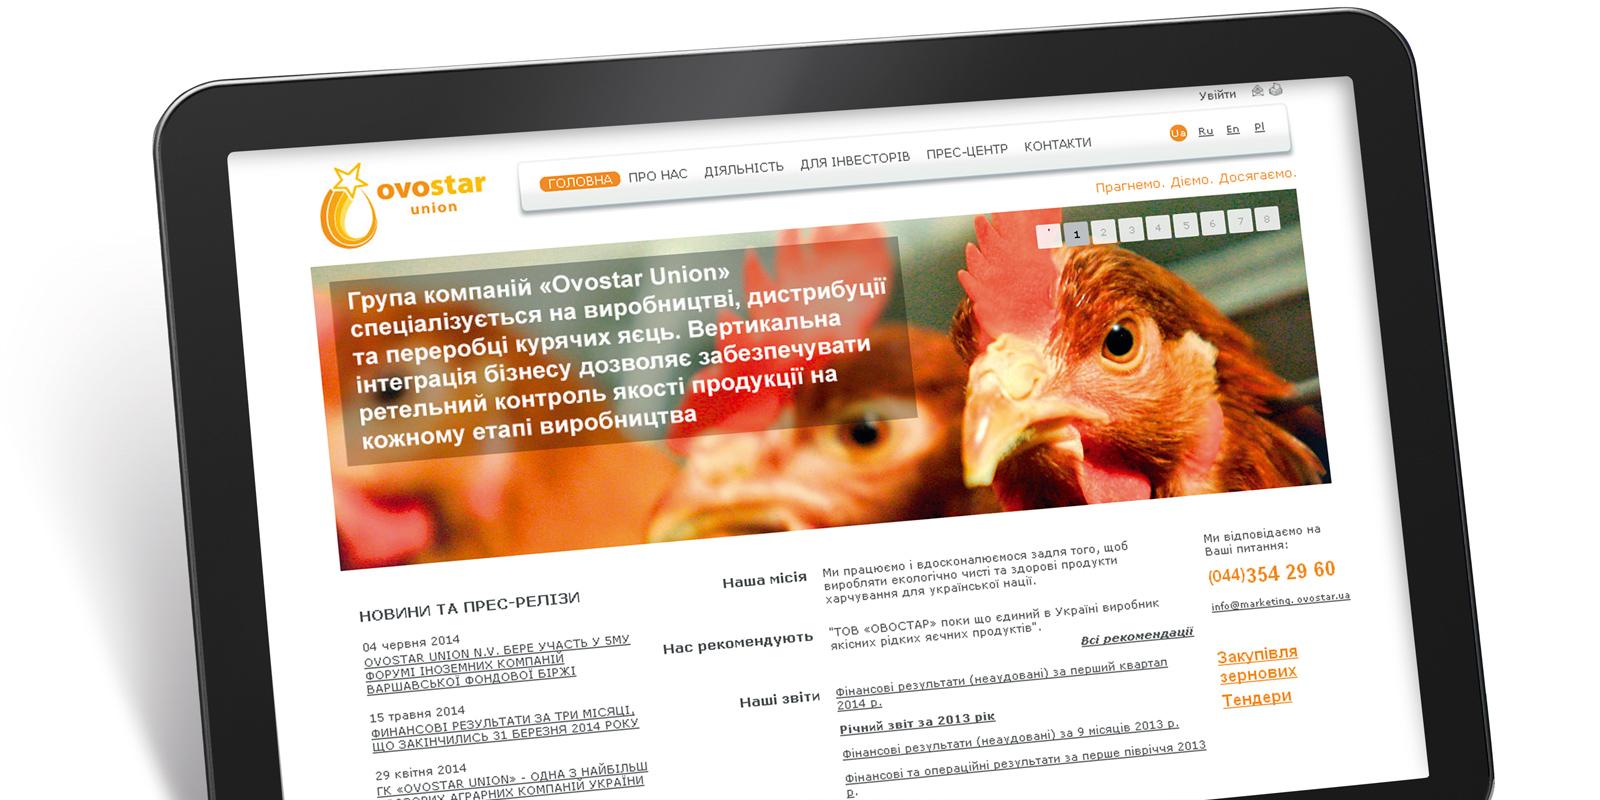 Группа компаний Ovostar Union;;;;;;Разработка и дизайн сайта;;;;;;<span>Клиент:</span> Группа компаний Ovostar Union;;;;;;;;;;;;Разработка и дизайн сайта;;;;;; 3 ;;;;;;www.ovostar.ua